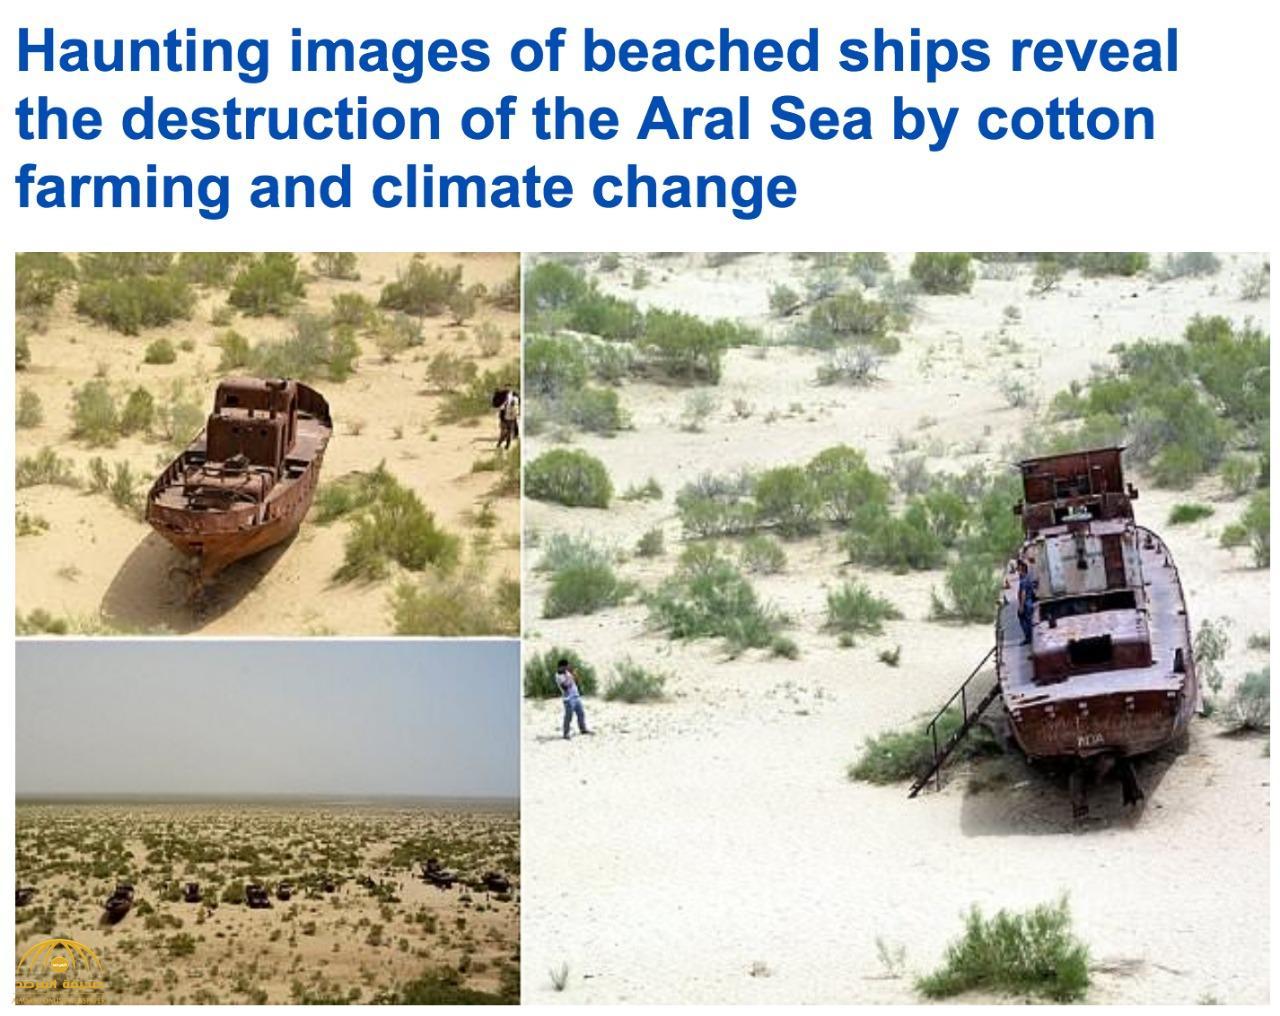 شاهد .. صور صادمة لسفن ترسو على الرمال بعد اختفاء بحر آرال